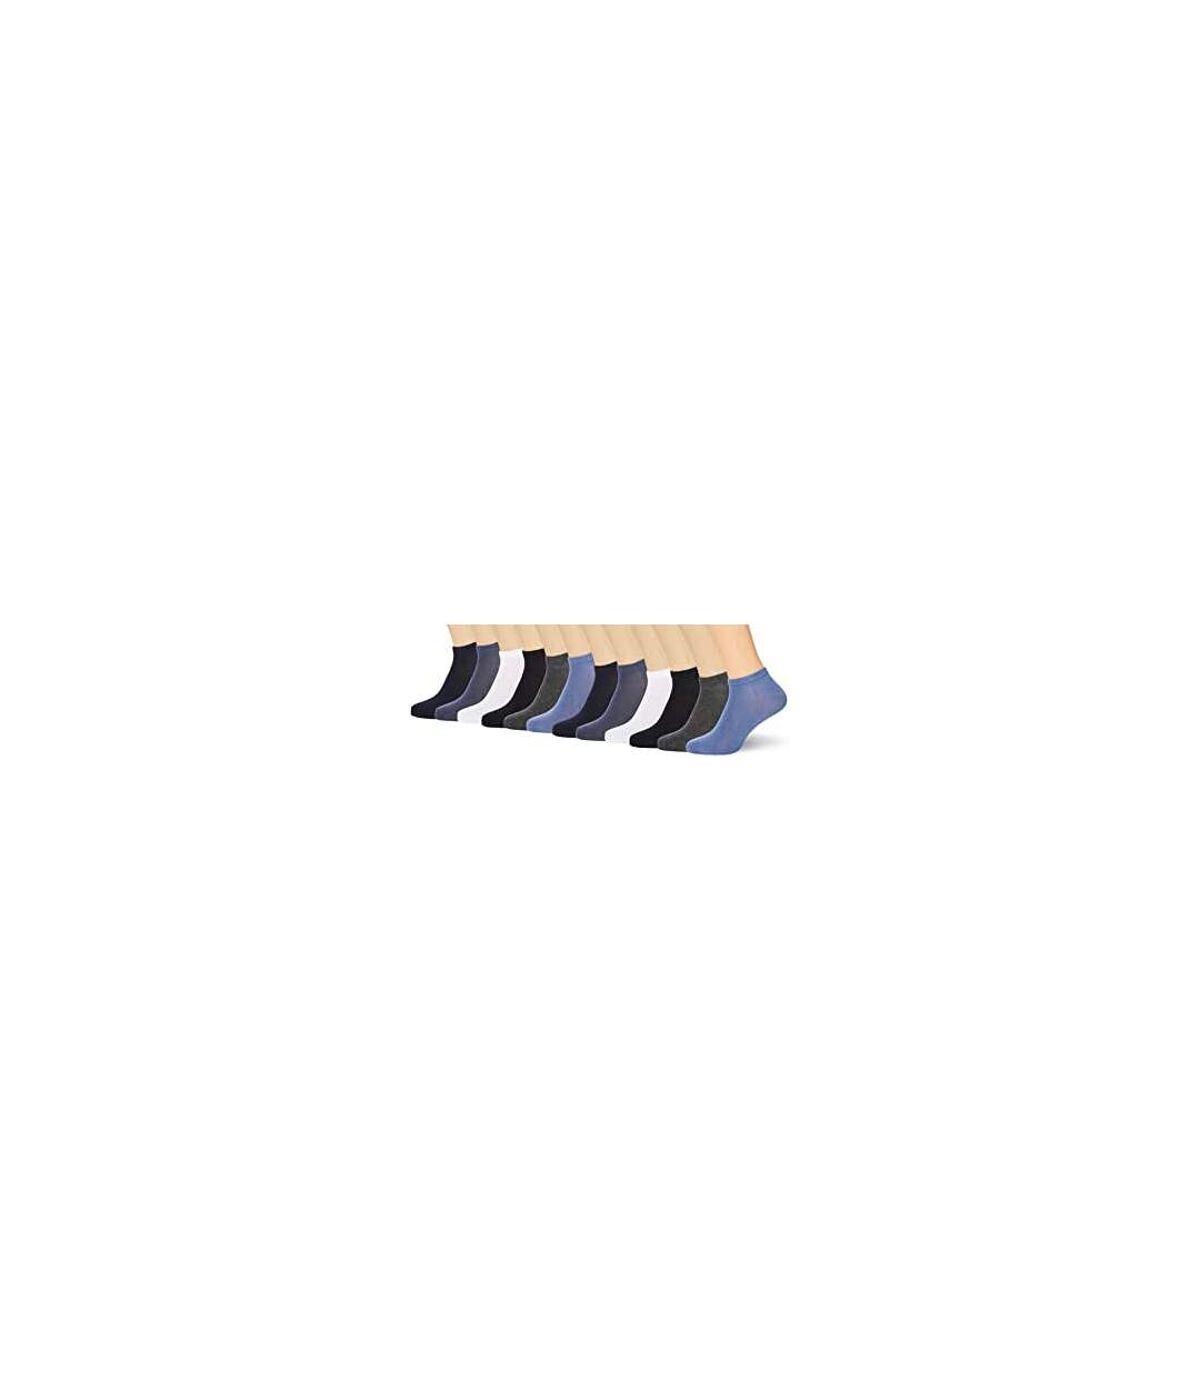 FM London Men's Bamboo Trainer Ankle Socks - Dark Assorted (Pack of 12)